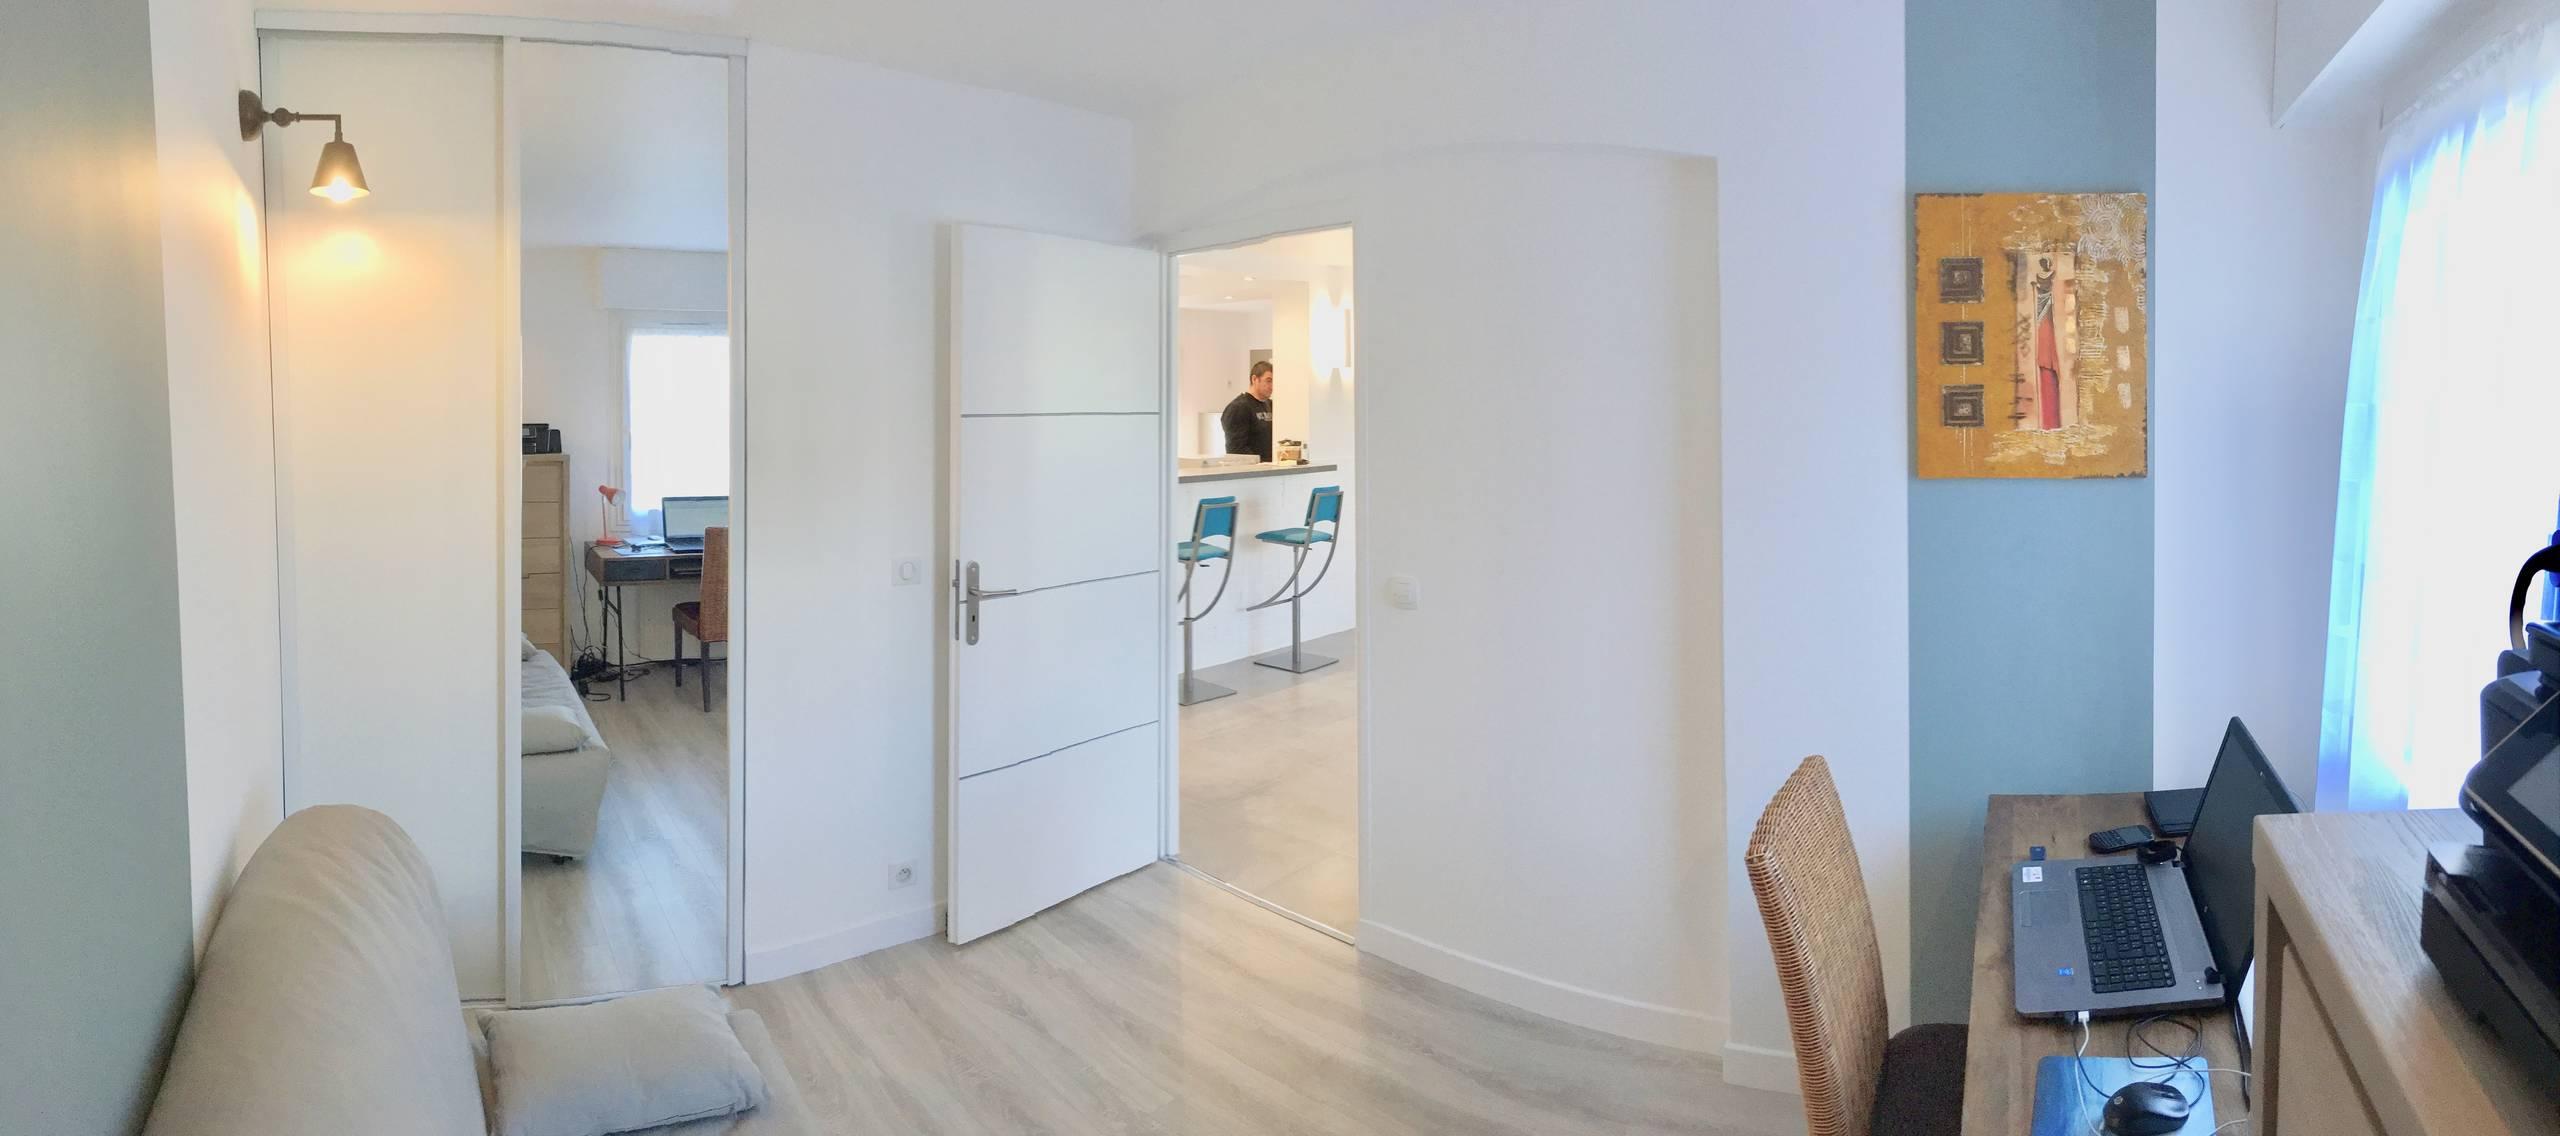 Transformation d'un appartement 4 pièces